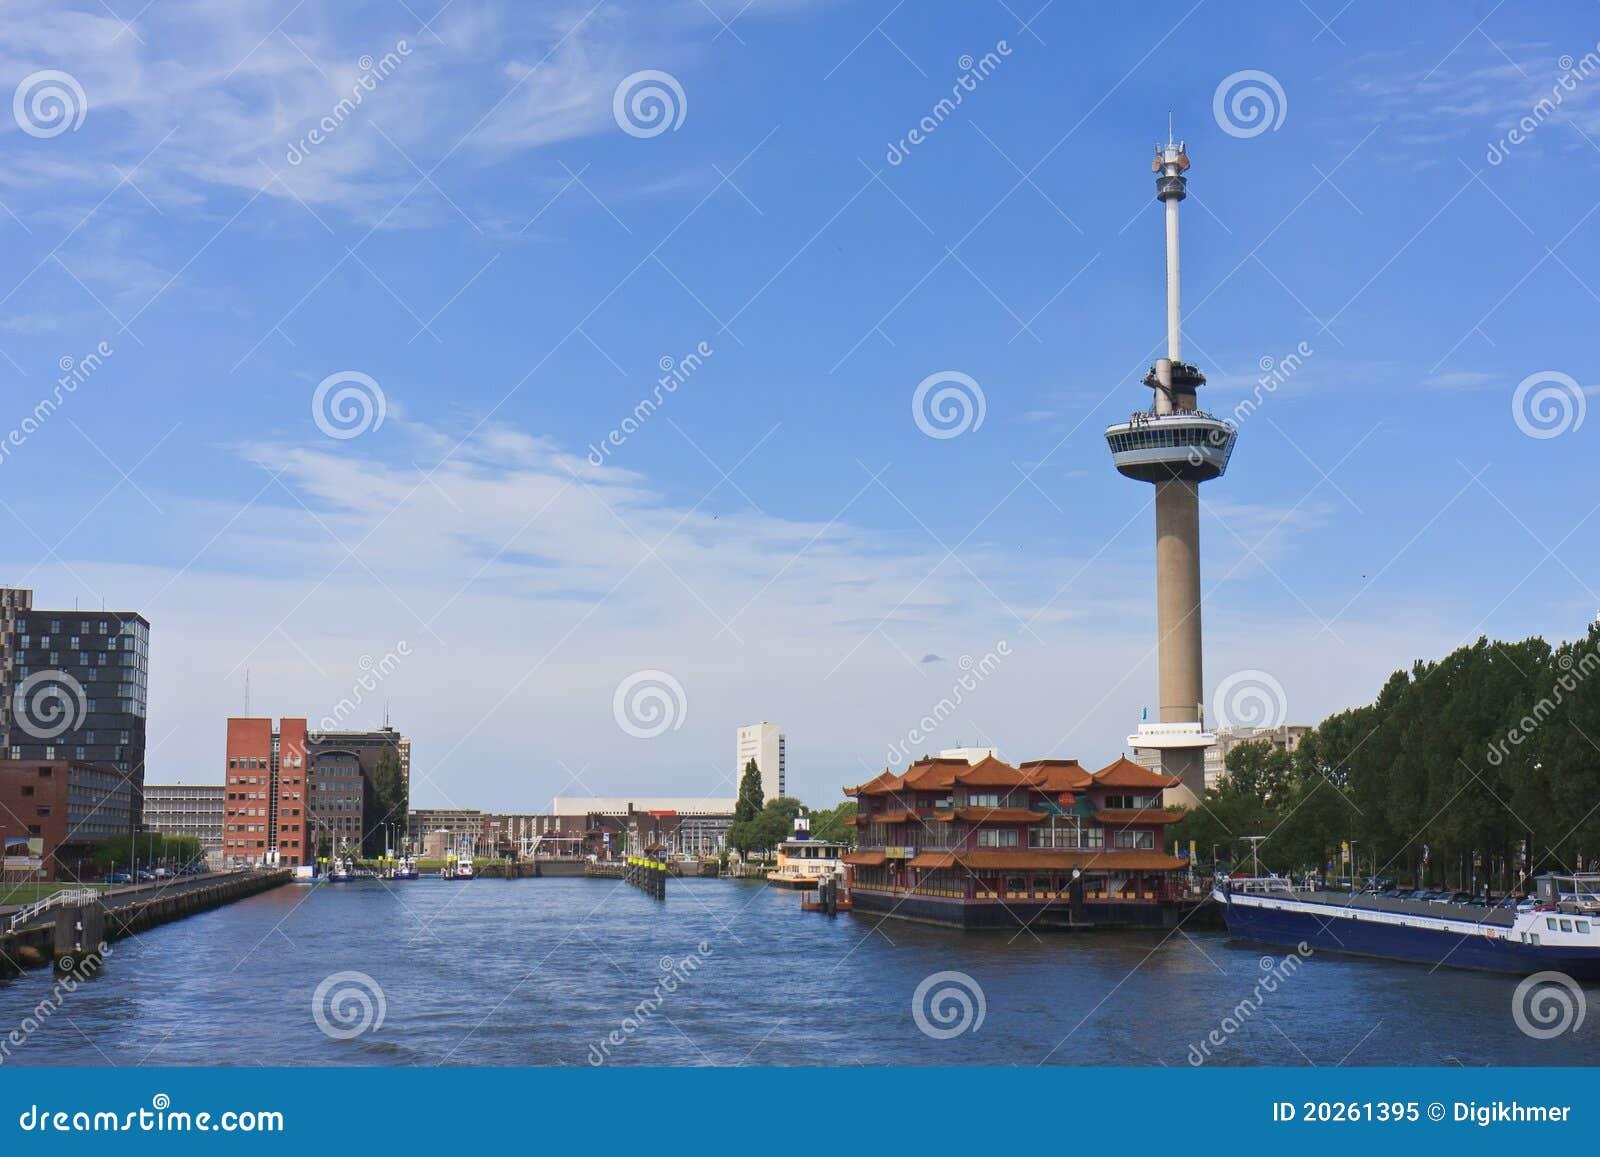 De Toren Van Euromast In De Stad Van Rotterdam Redactionele Afbeelding ...